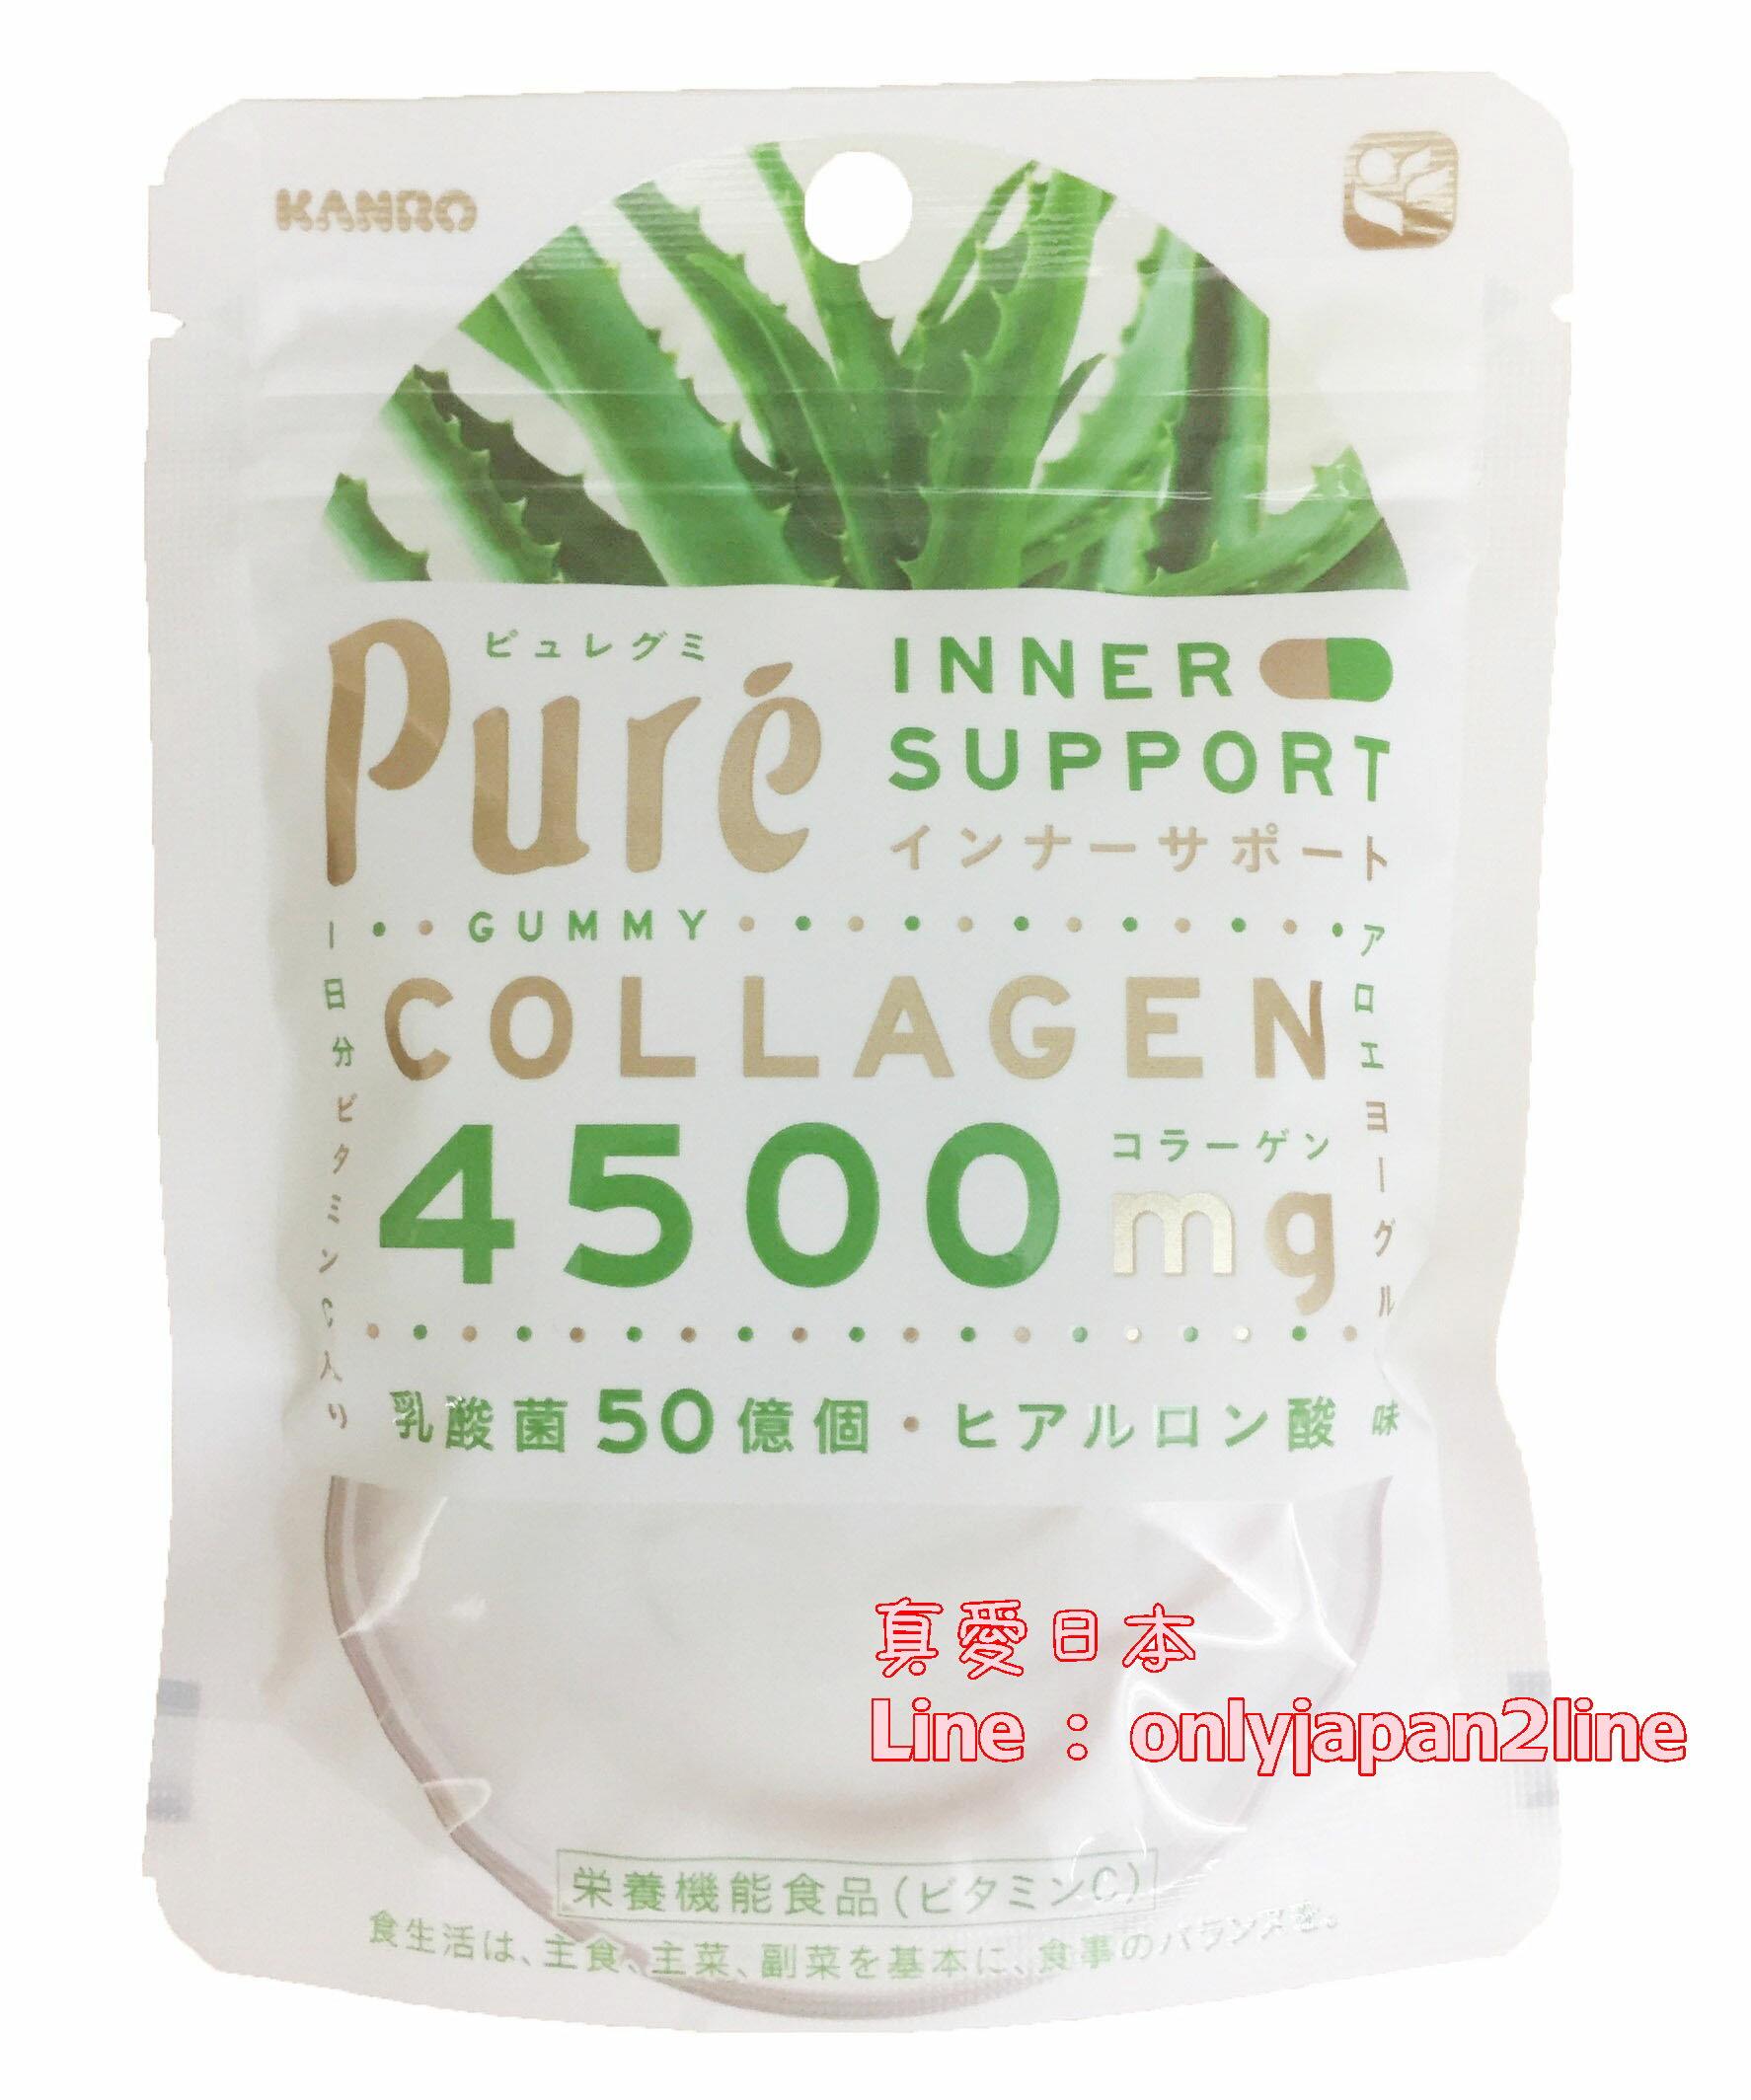 【真愛日本】16060100003Kanro乳酸軟糖-綜合莓   網路 團購 熱銷 日本代購